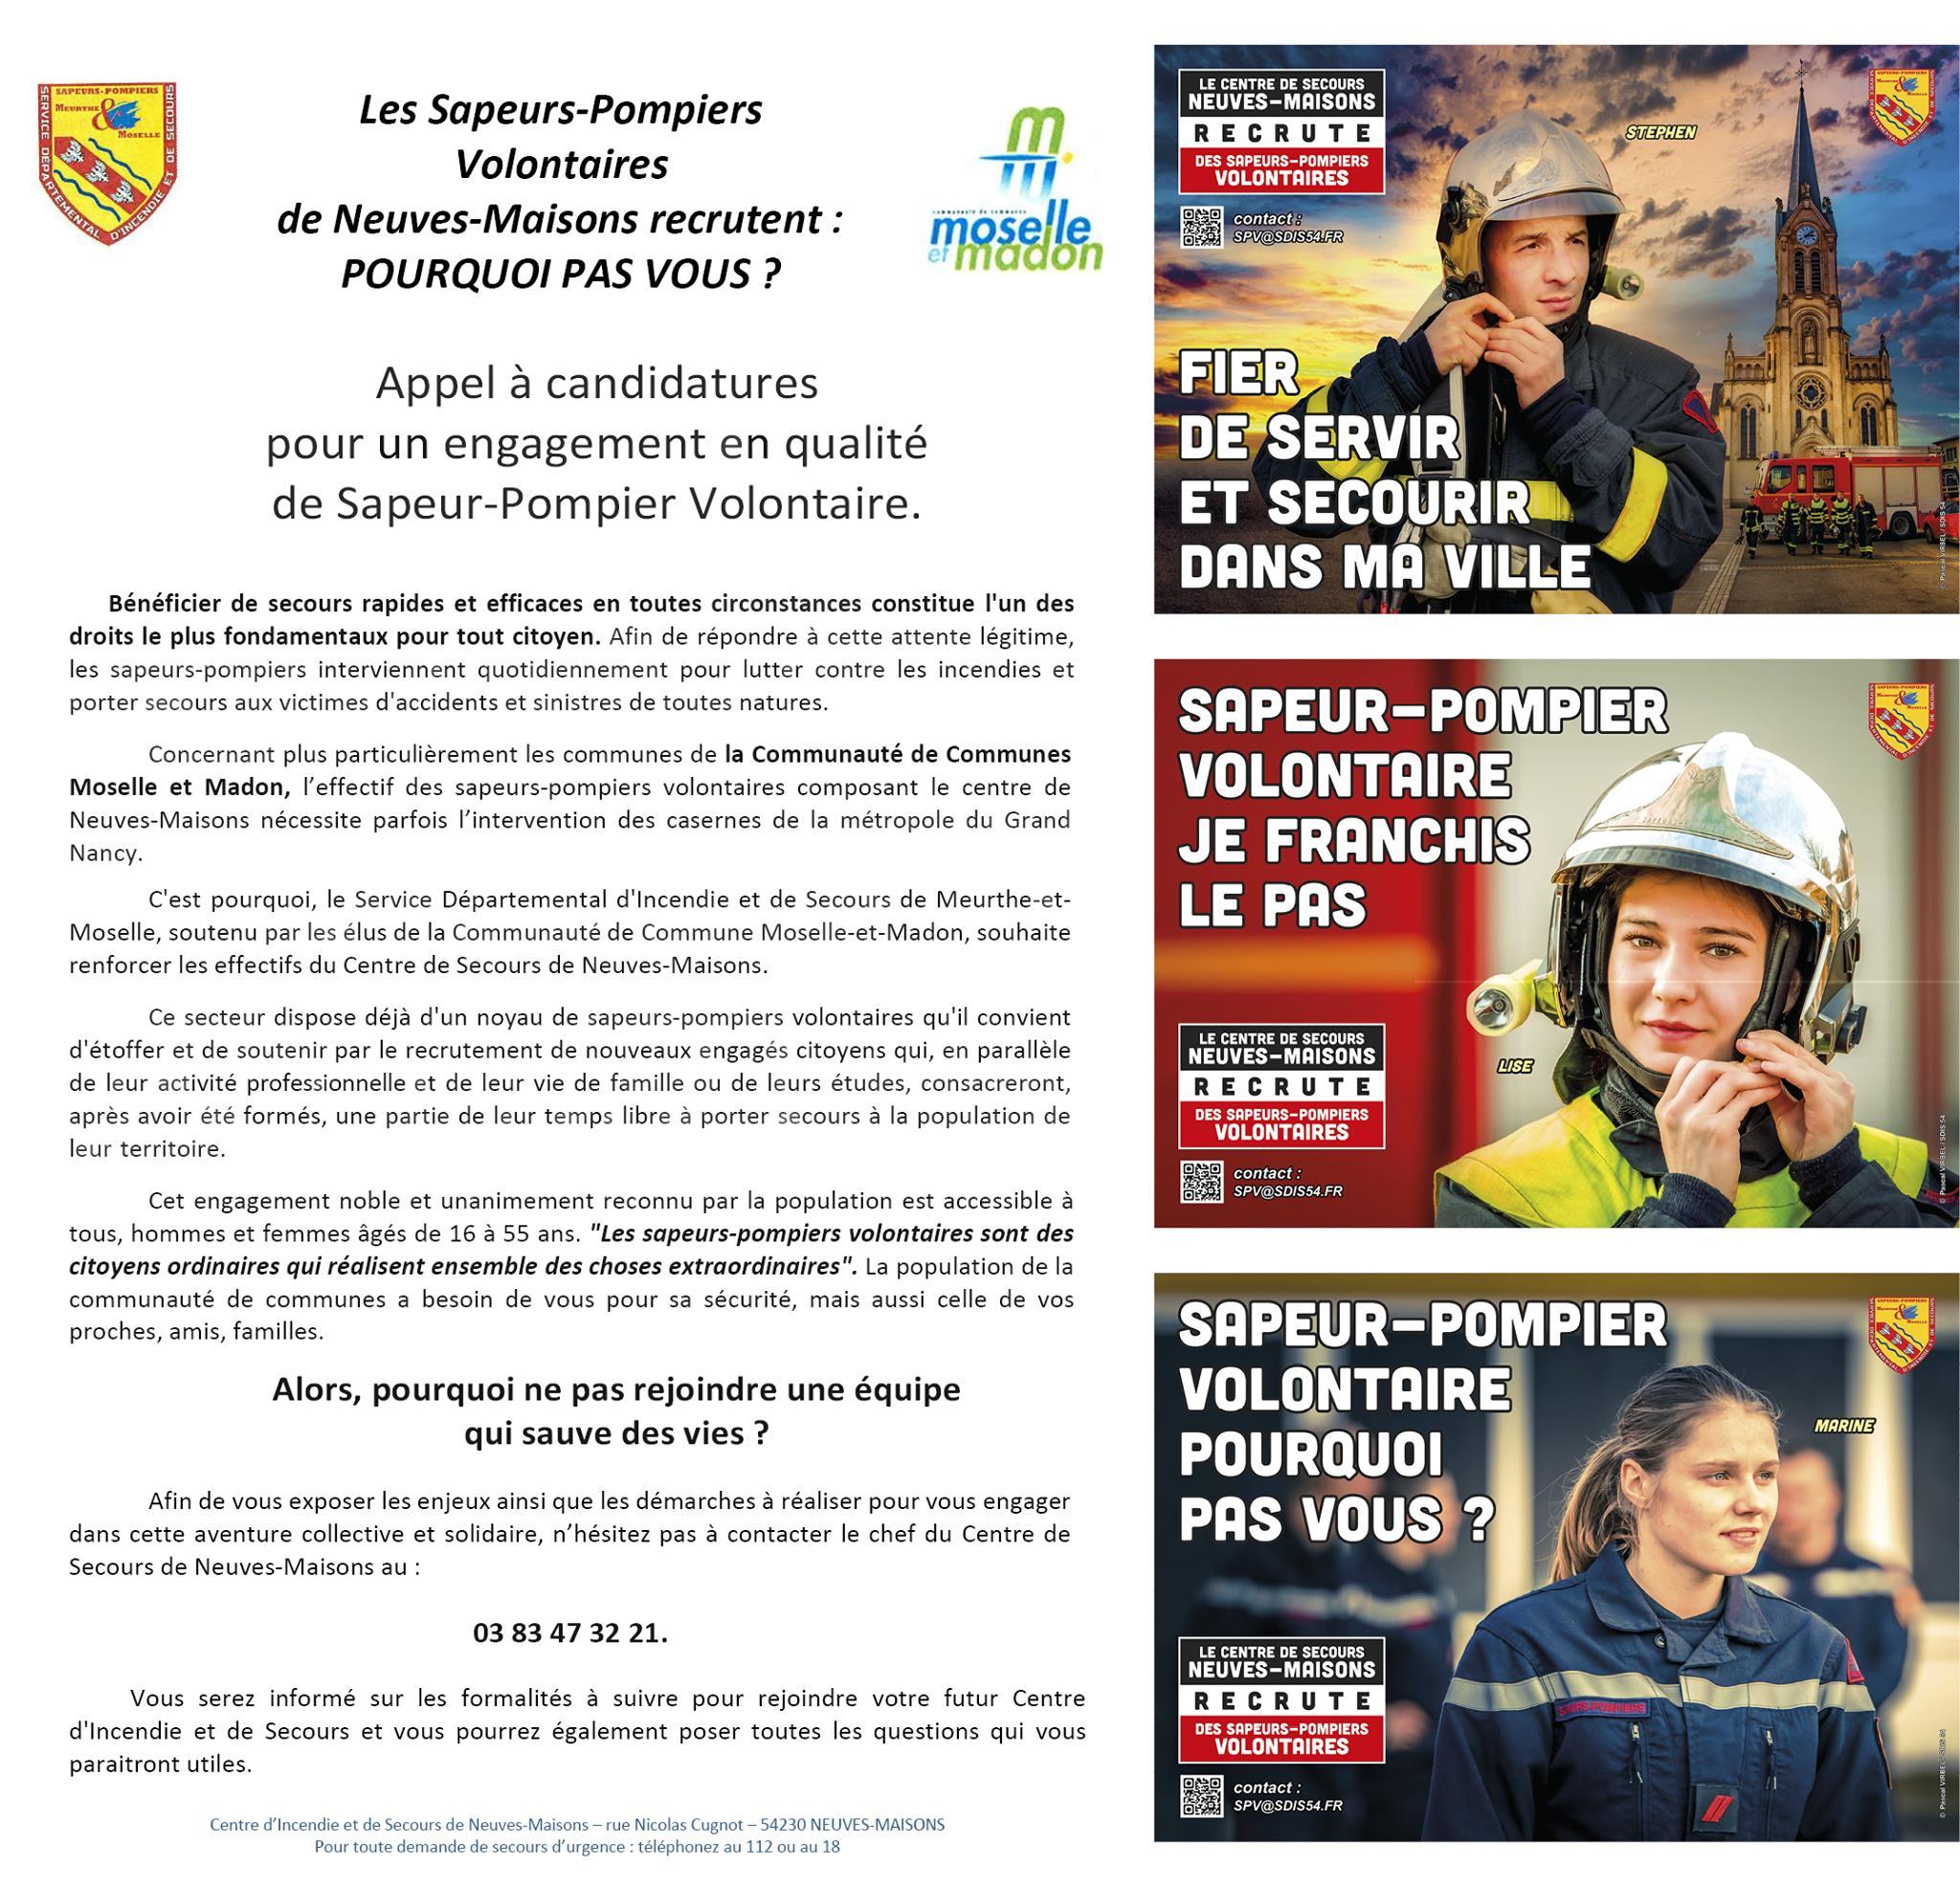 Les Sapeurs-Pompiers de Neuves-Maisons recrutent des volontaires !